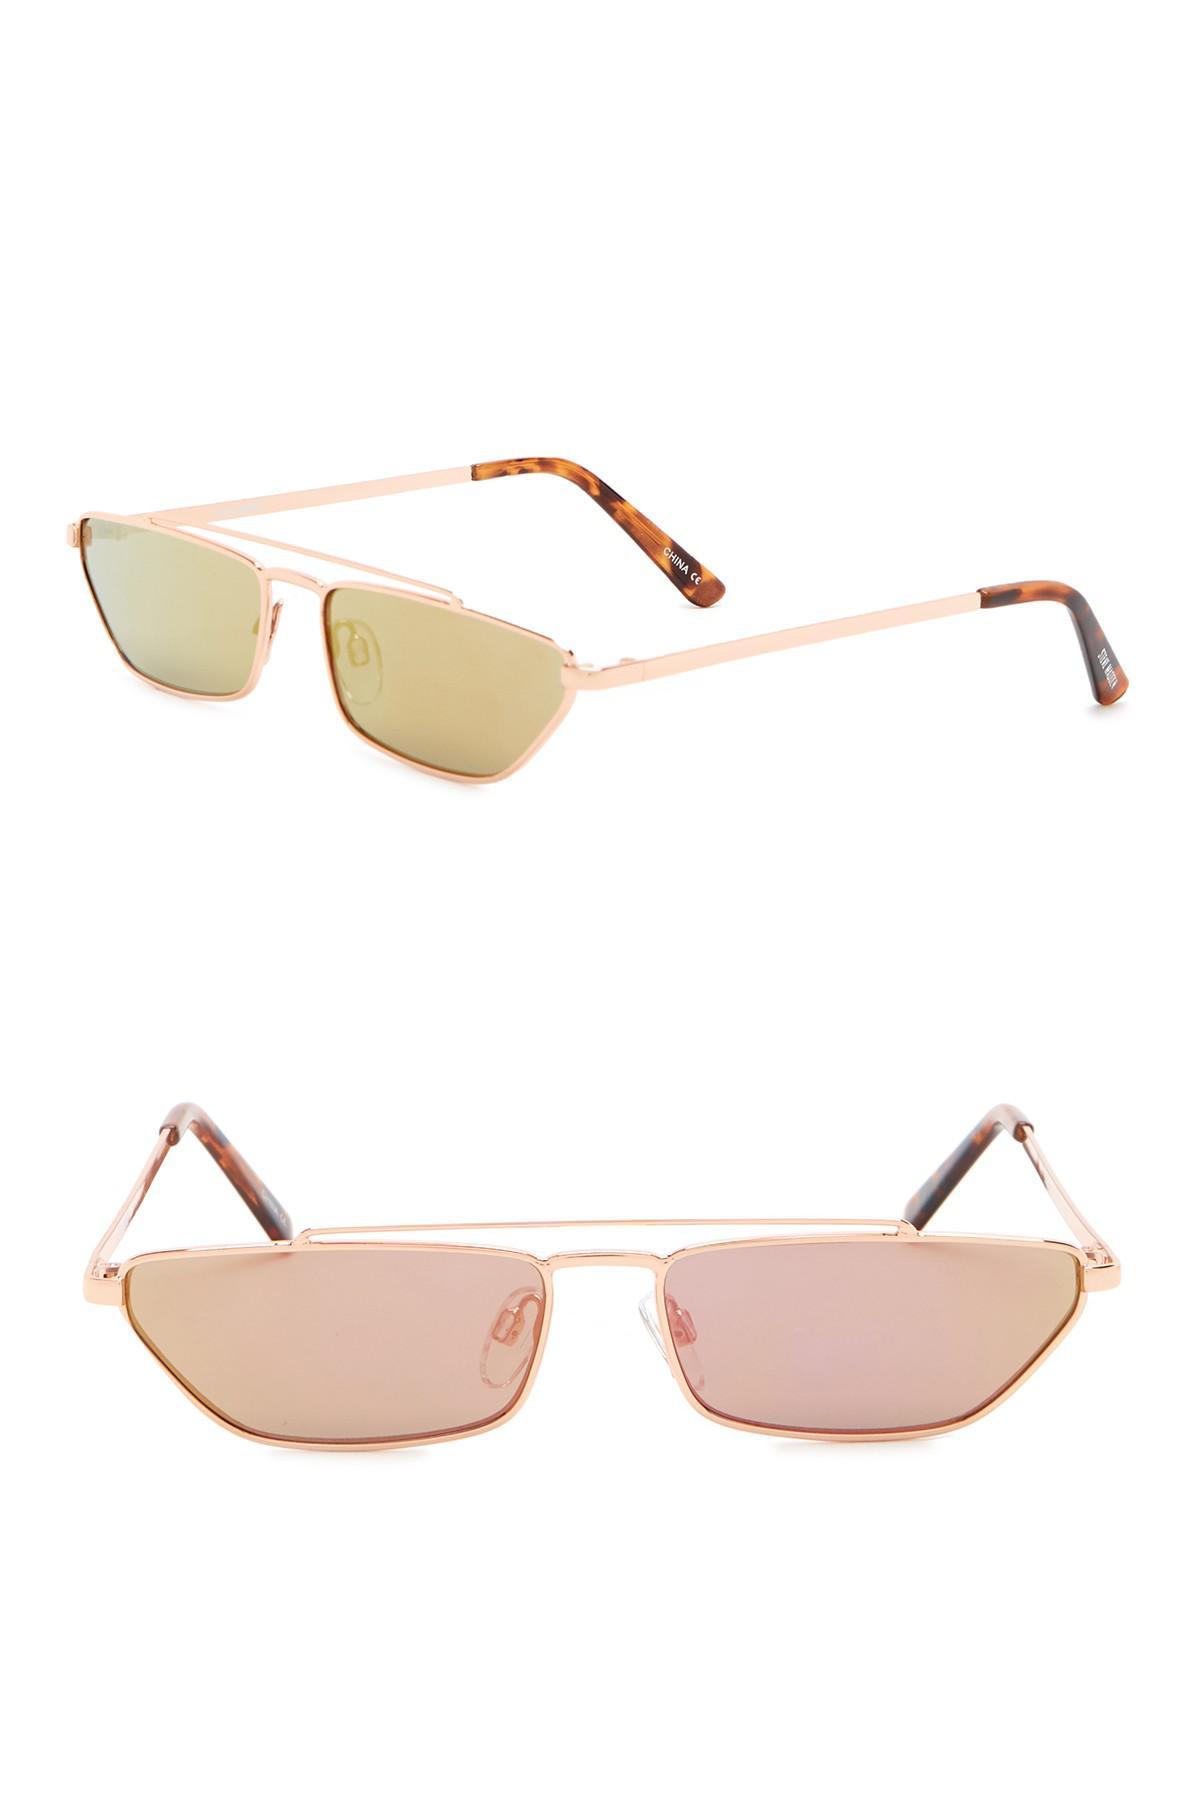 7400dedce3c3 Steve Madden - Pink 27mm Rectangle Novelty Sunglasses - Lyst. View  fullscreen